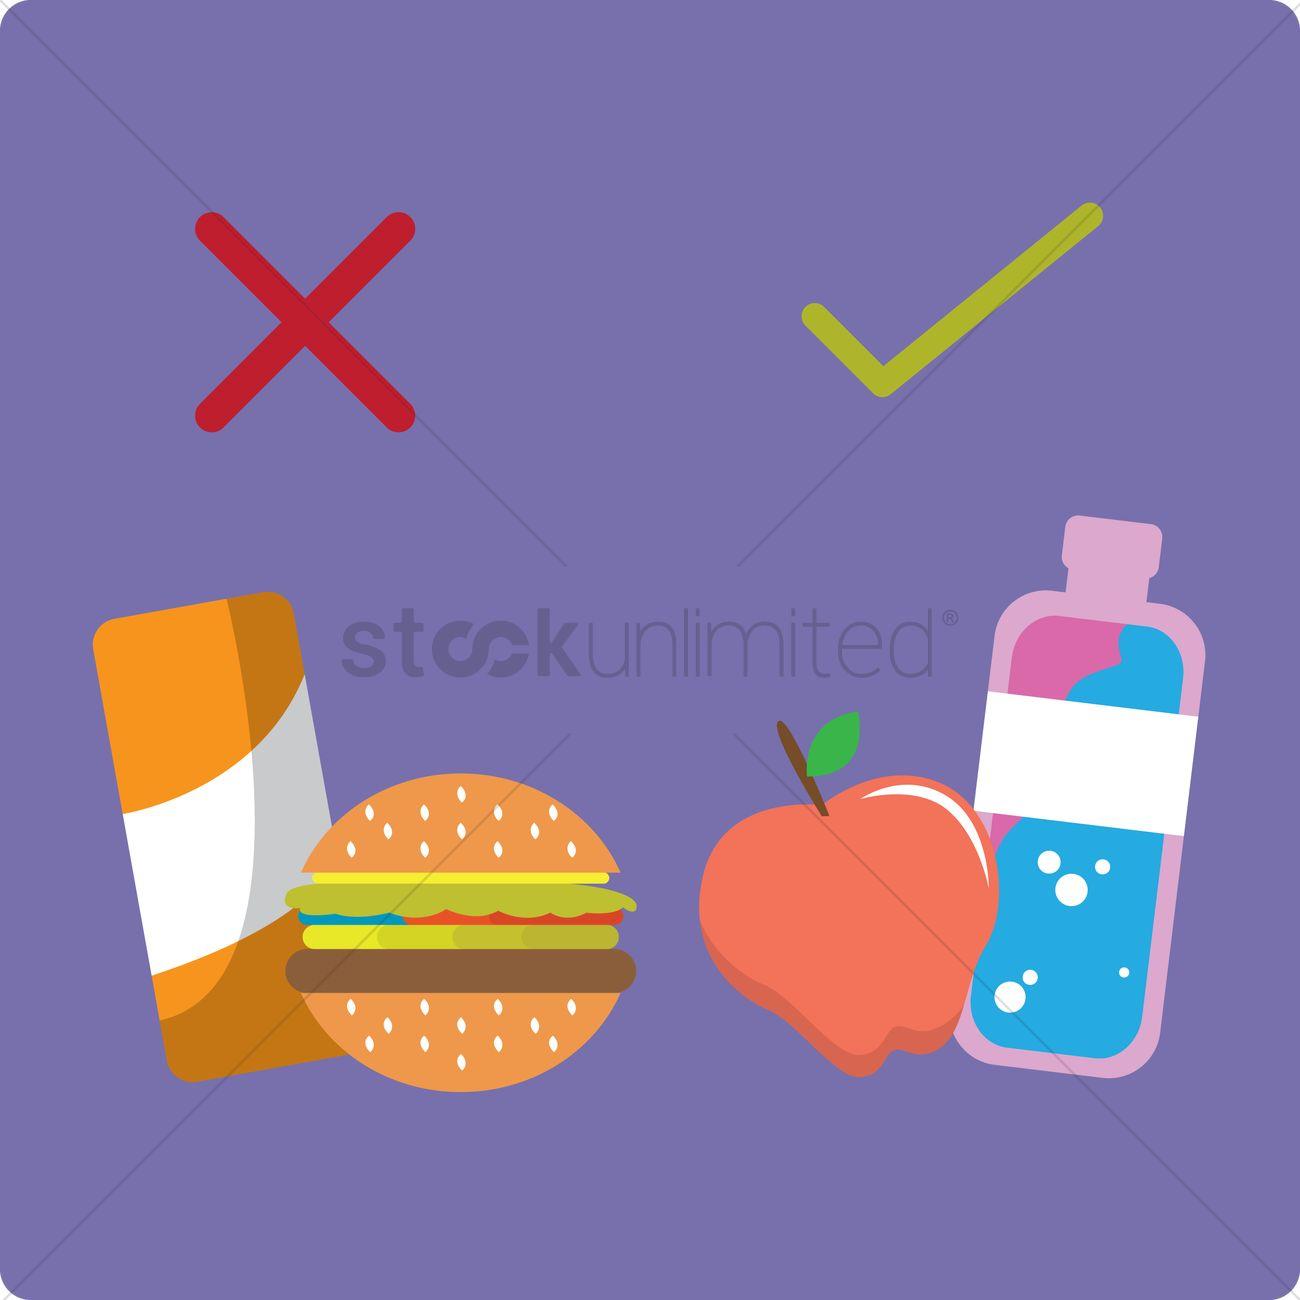 Free Choosing healthy food over junk food Vector Image - 1242577